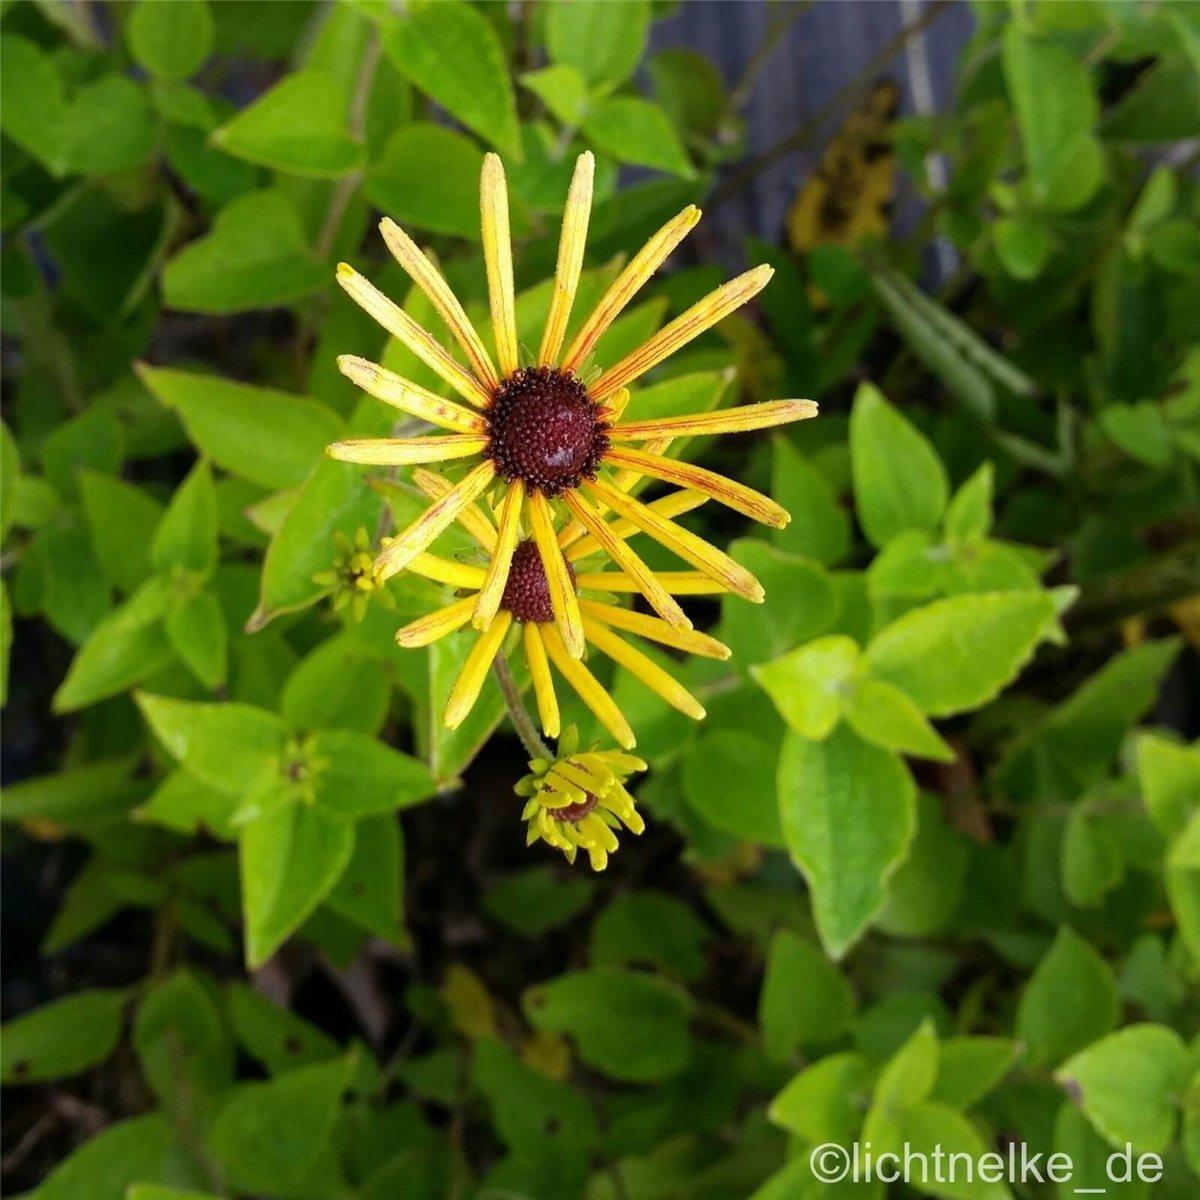 Hoher Stauden Sonnenhut Rudbeckia Henry Eilers Schnitt Blume Beet Pflanze Garten